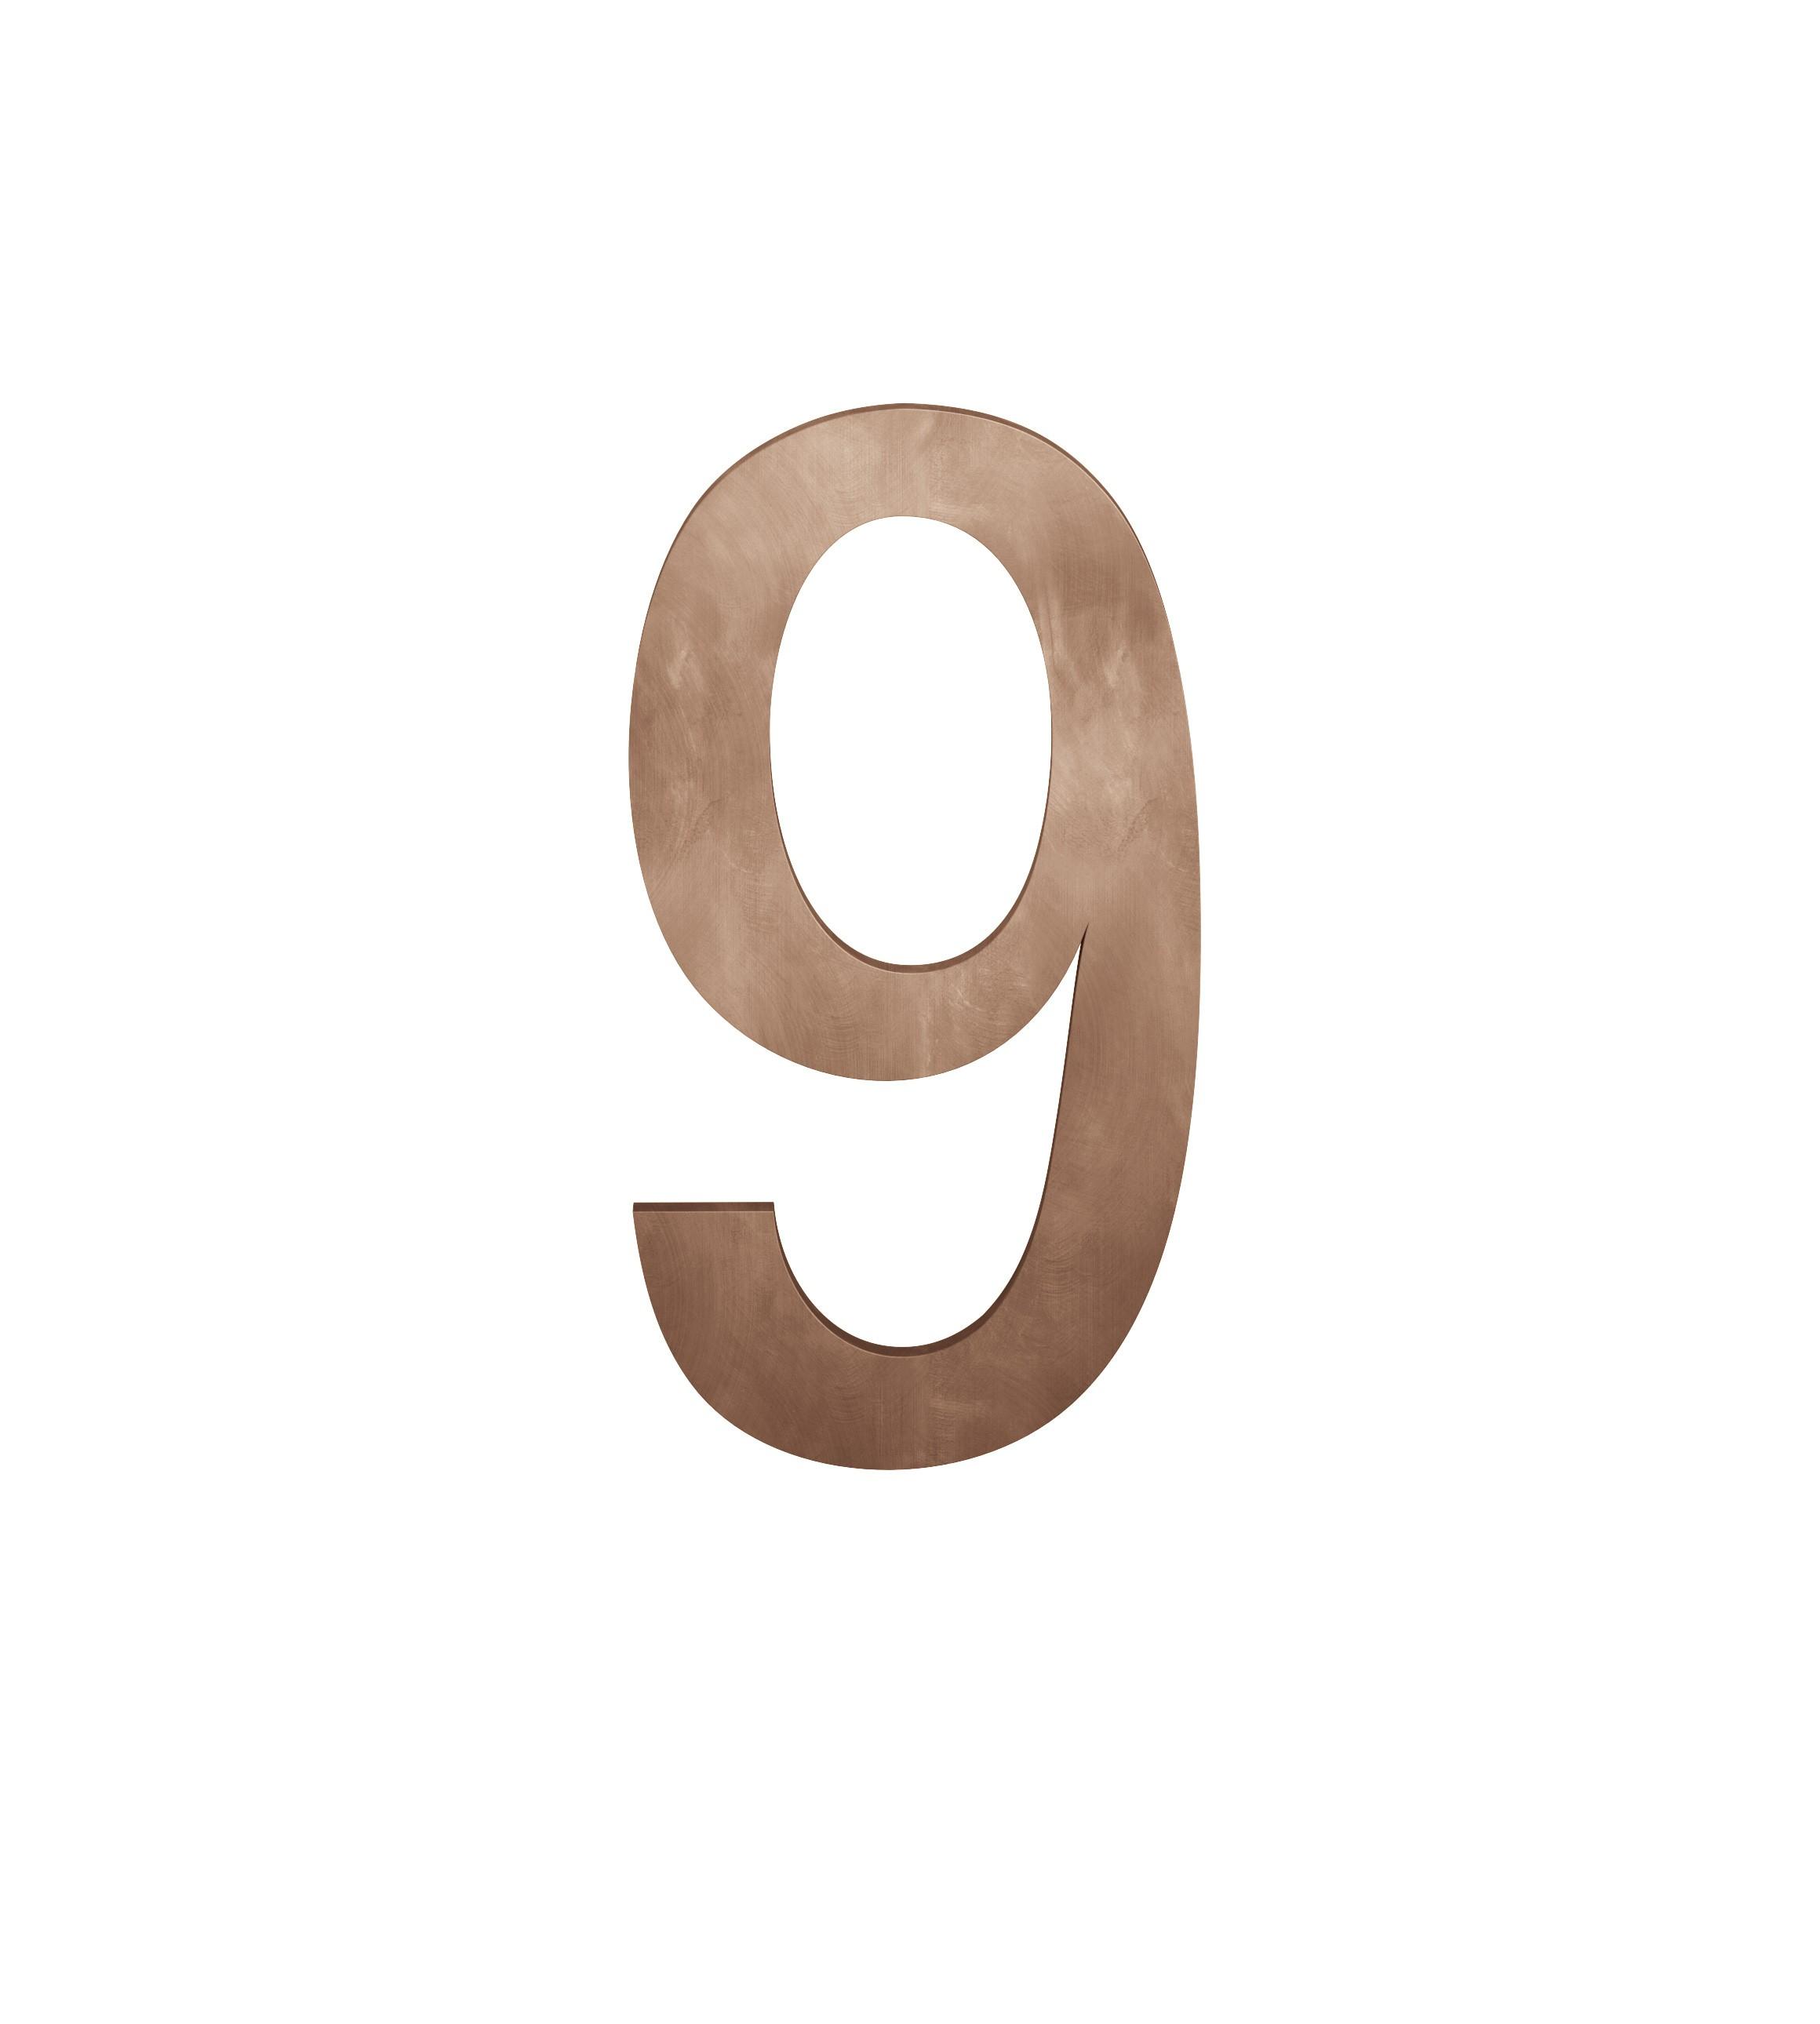 FSB Hausnummer Ziffer 9 Bronze (0 38 4005 00009 7615)